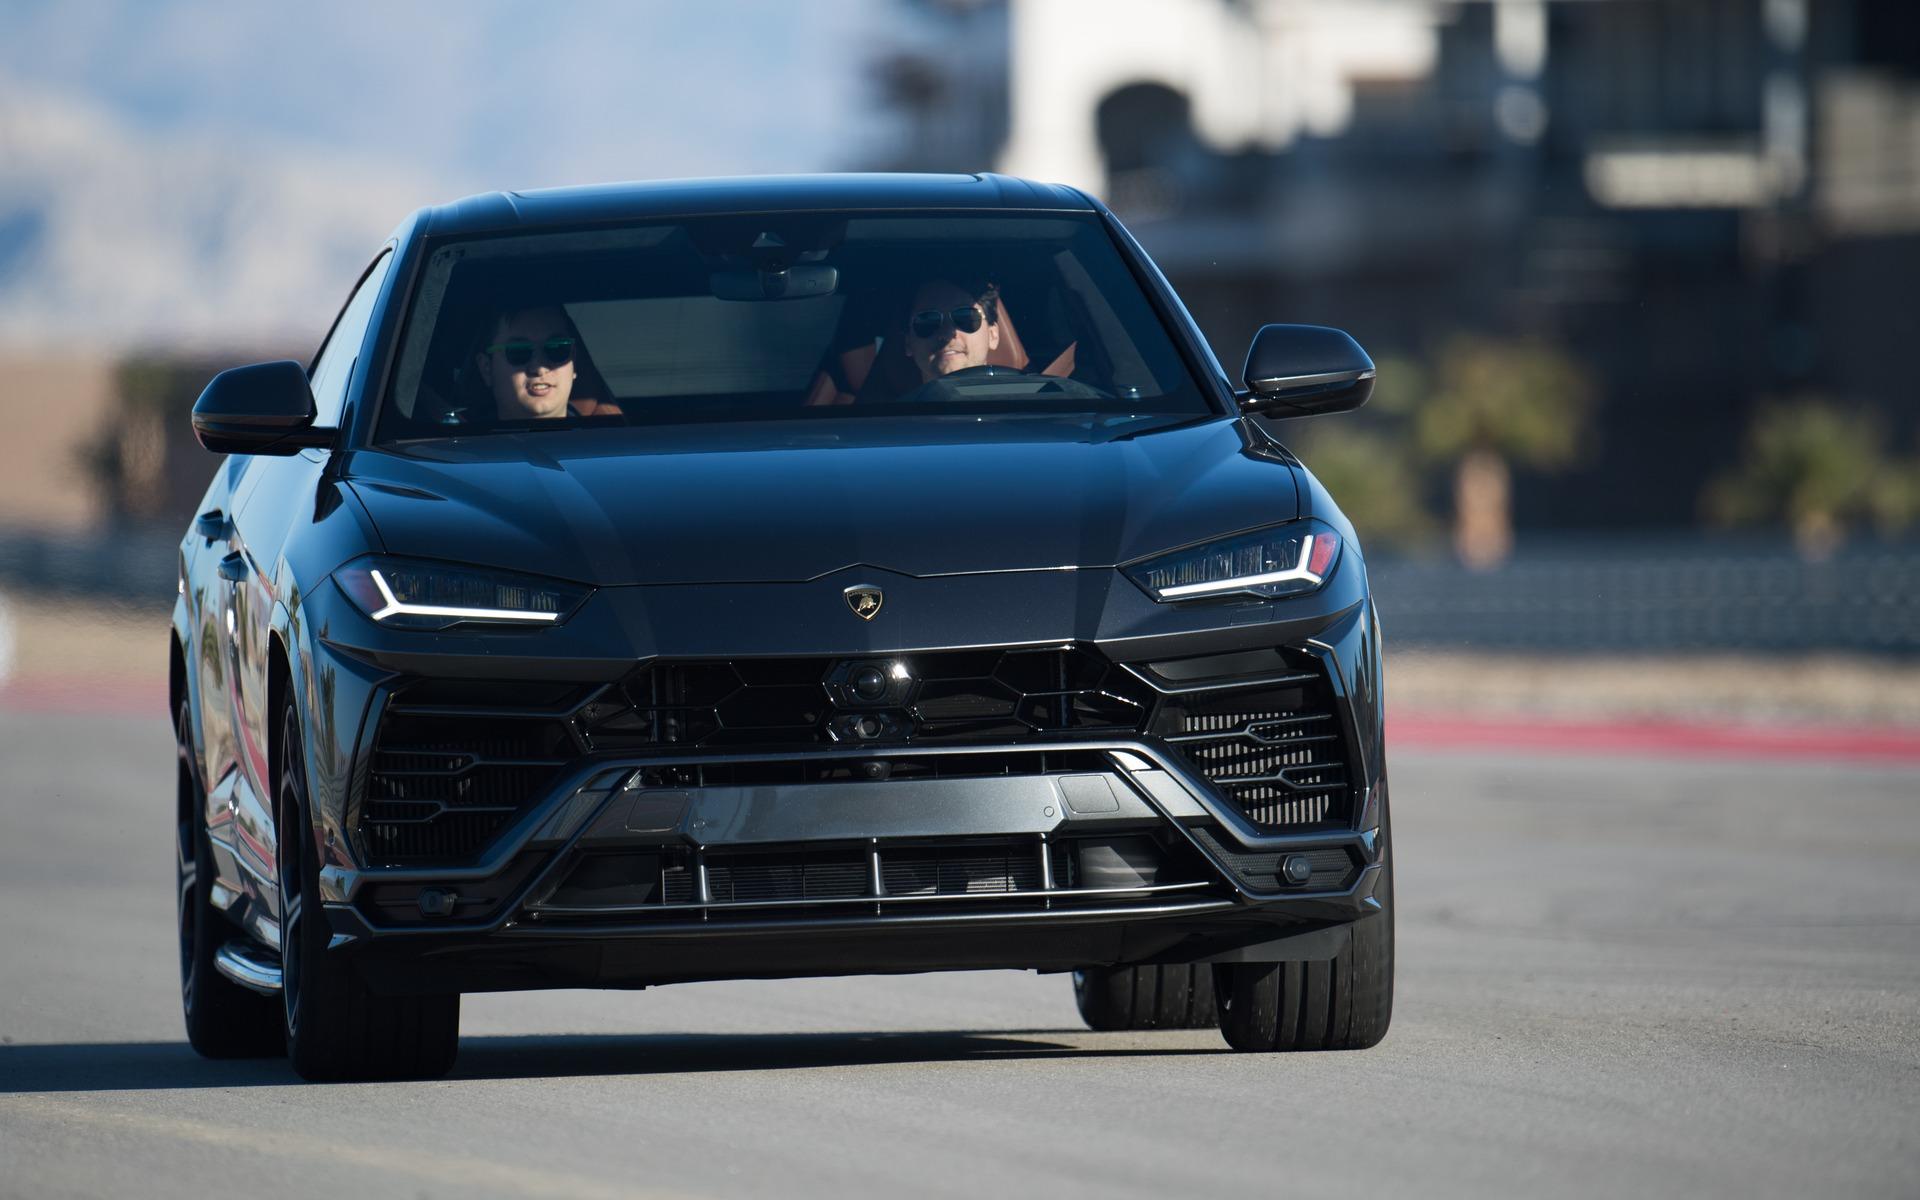 2019 Lamborghini Urus The Long Legged Bull 2 22